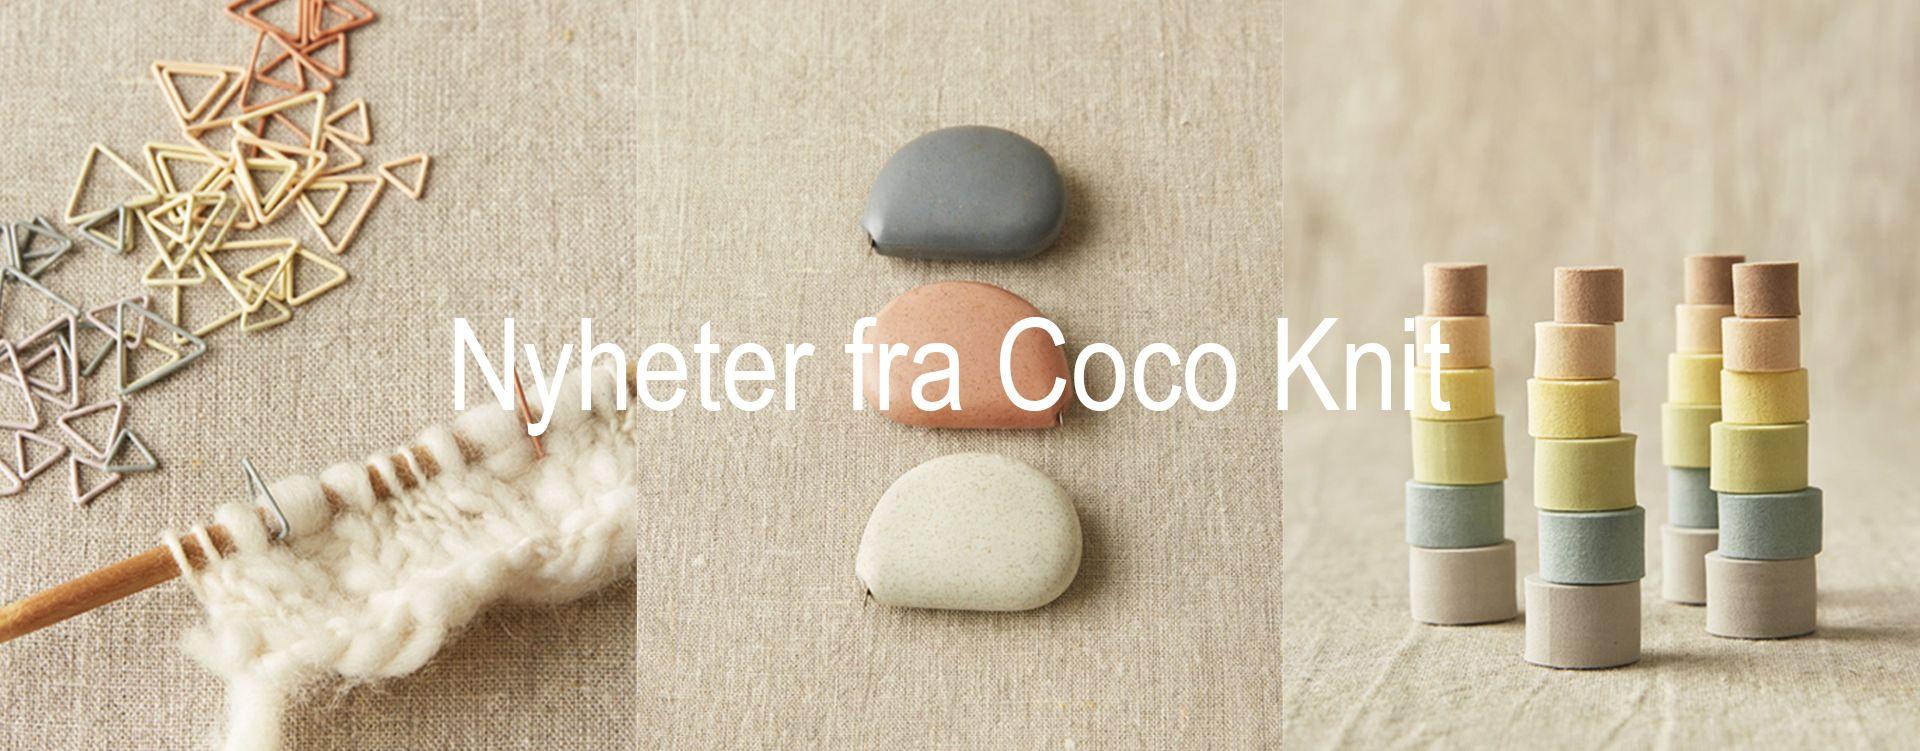 coco knit fane mellom